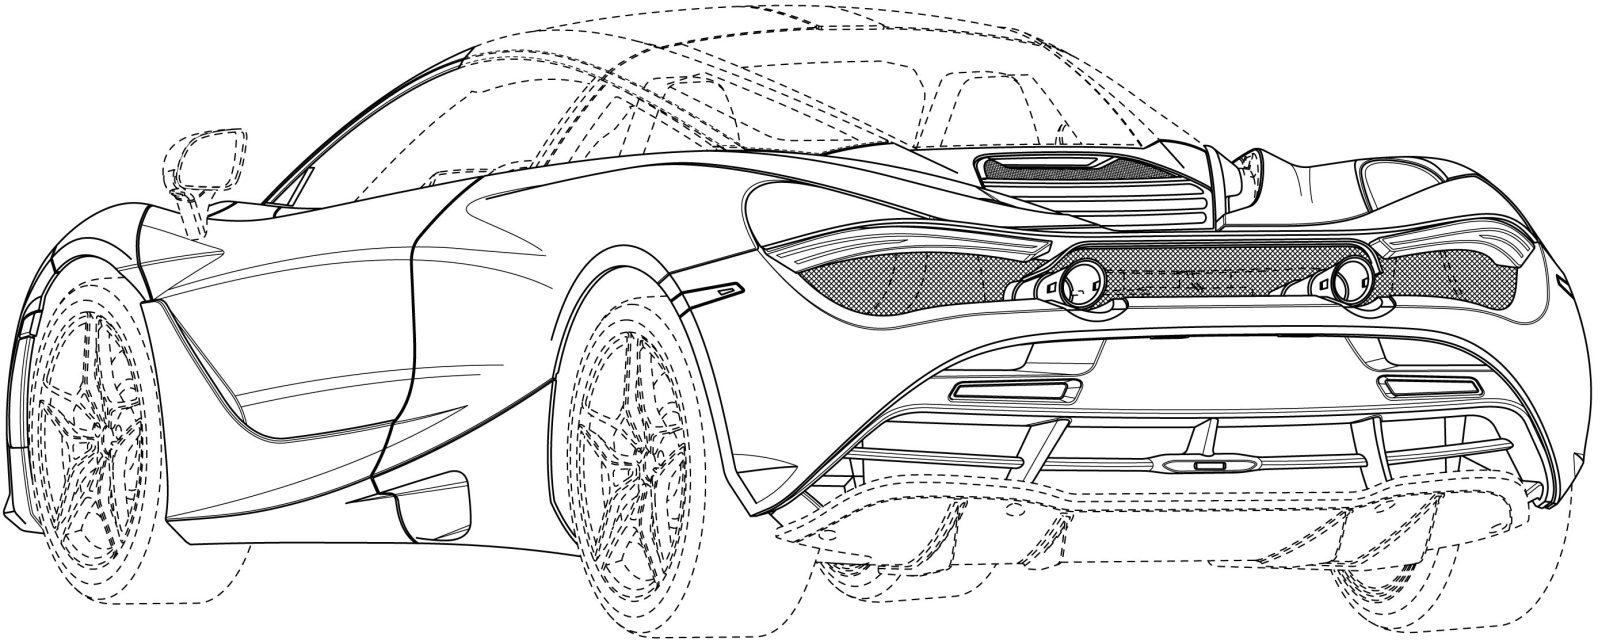 McLaren_720S_Spider_patent_images_0006